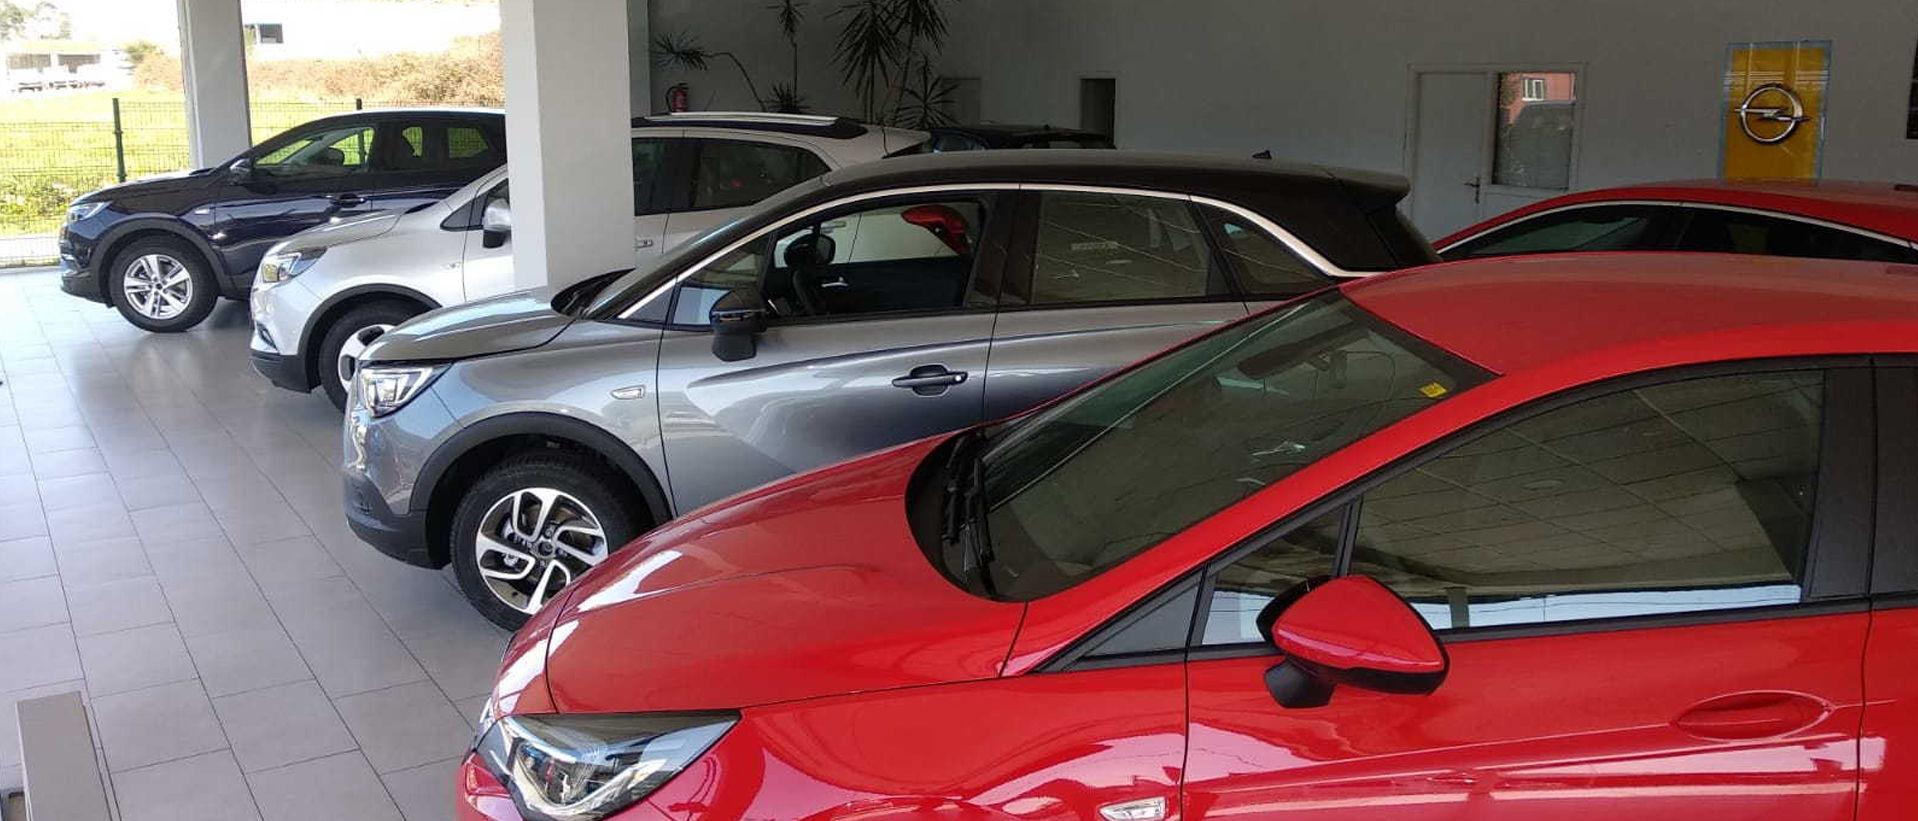 Gran oferta de coches nuevos, km0 y segunda mano